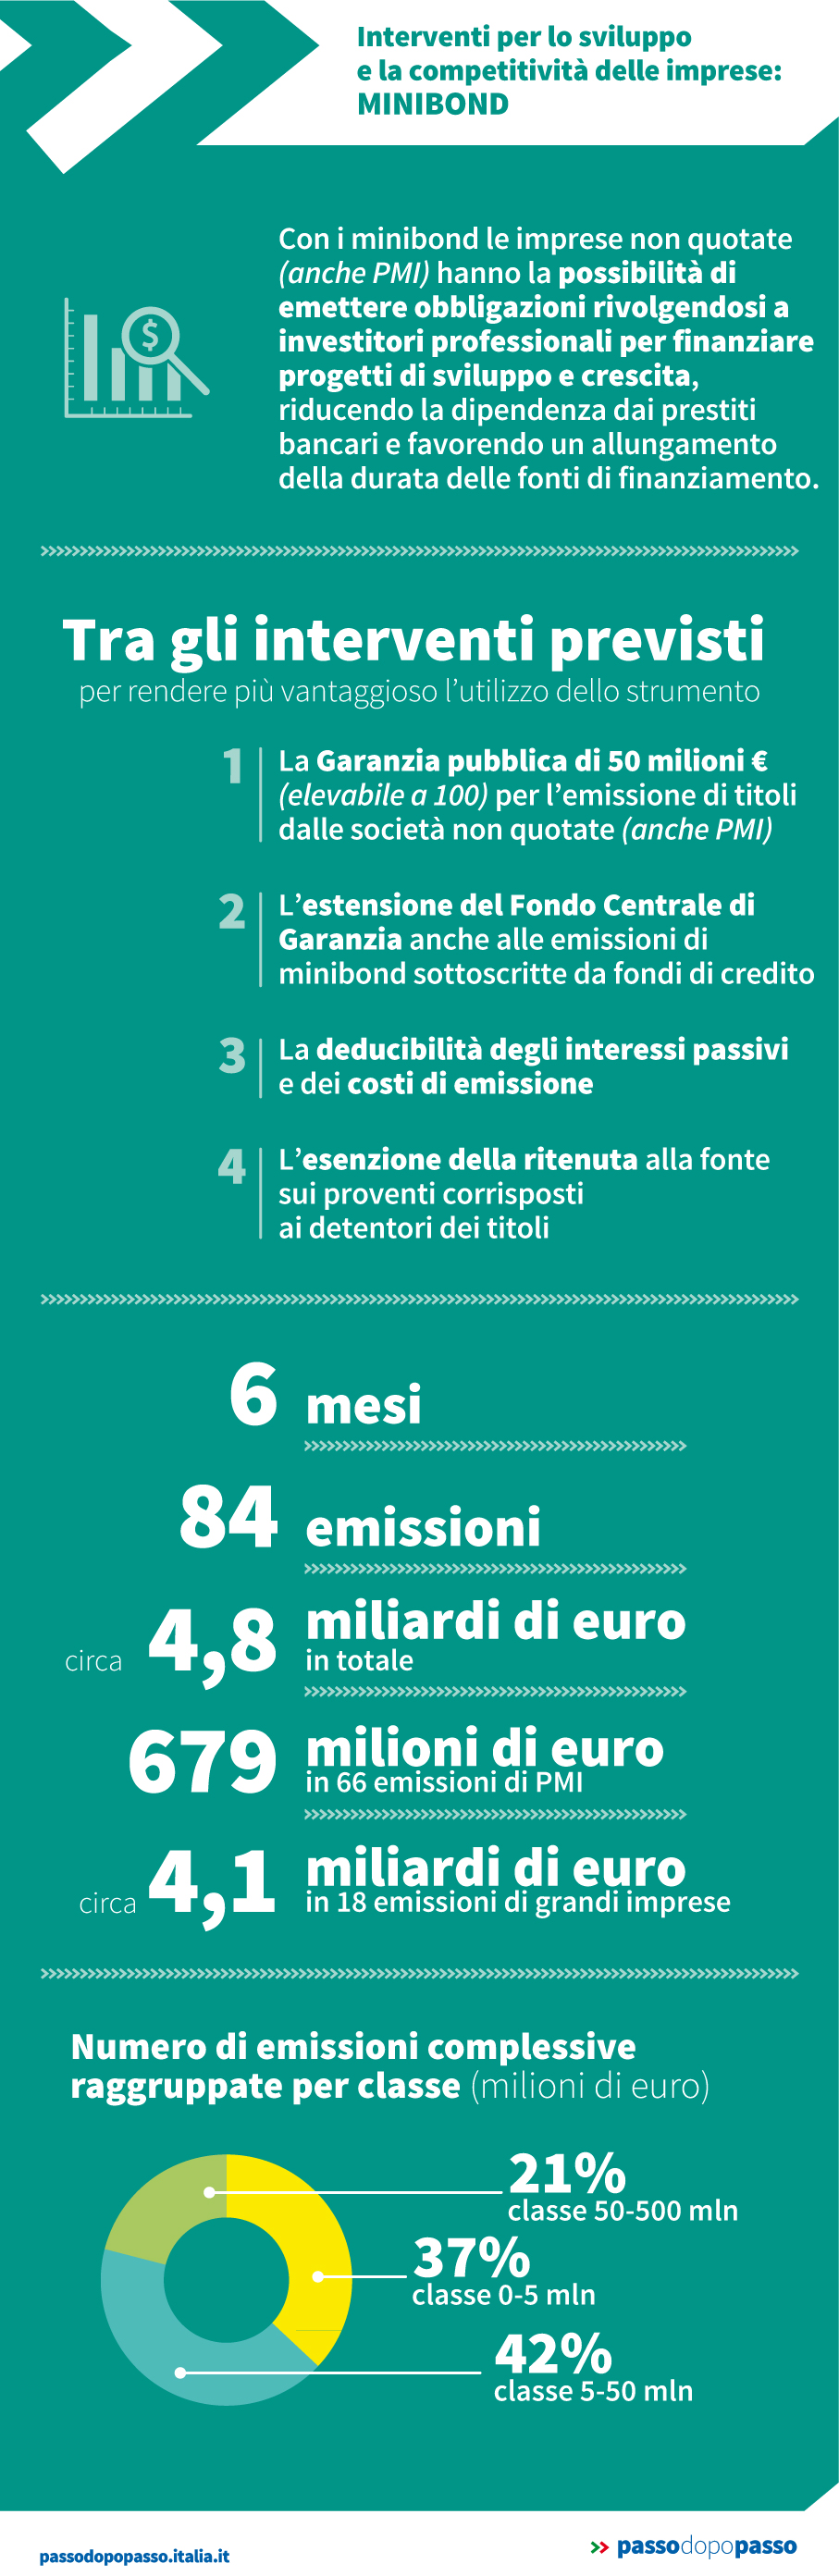 Infografica: Interventi per lo sviluppo e la competitività delle imprese: MINIBOND